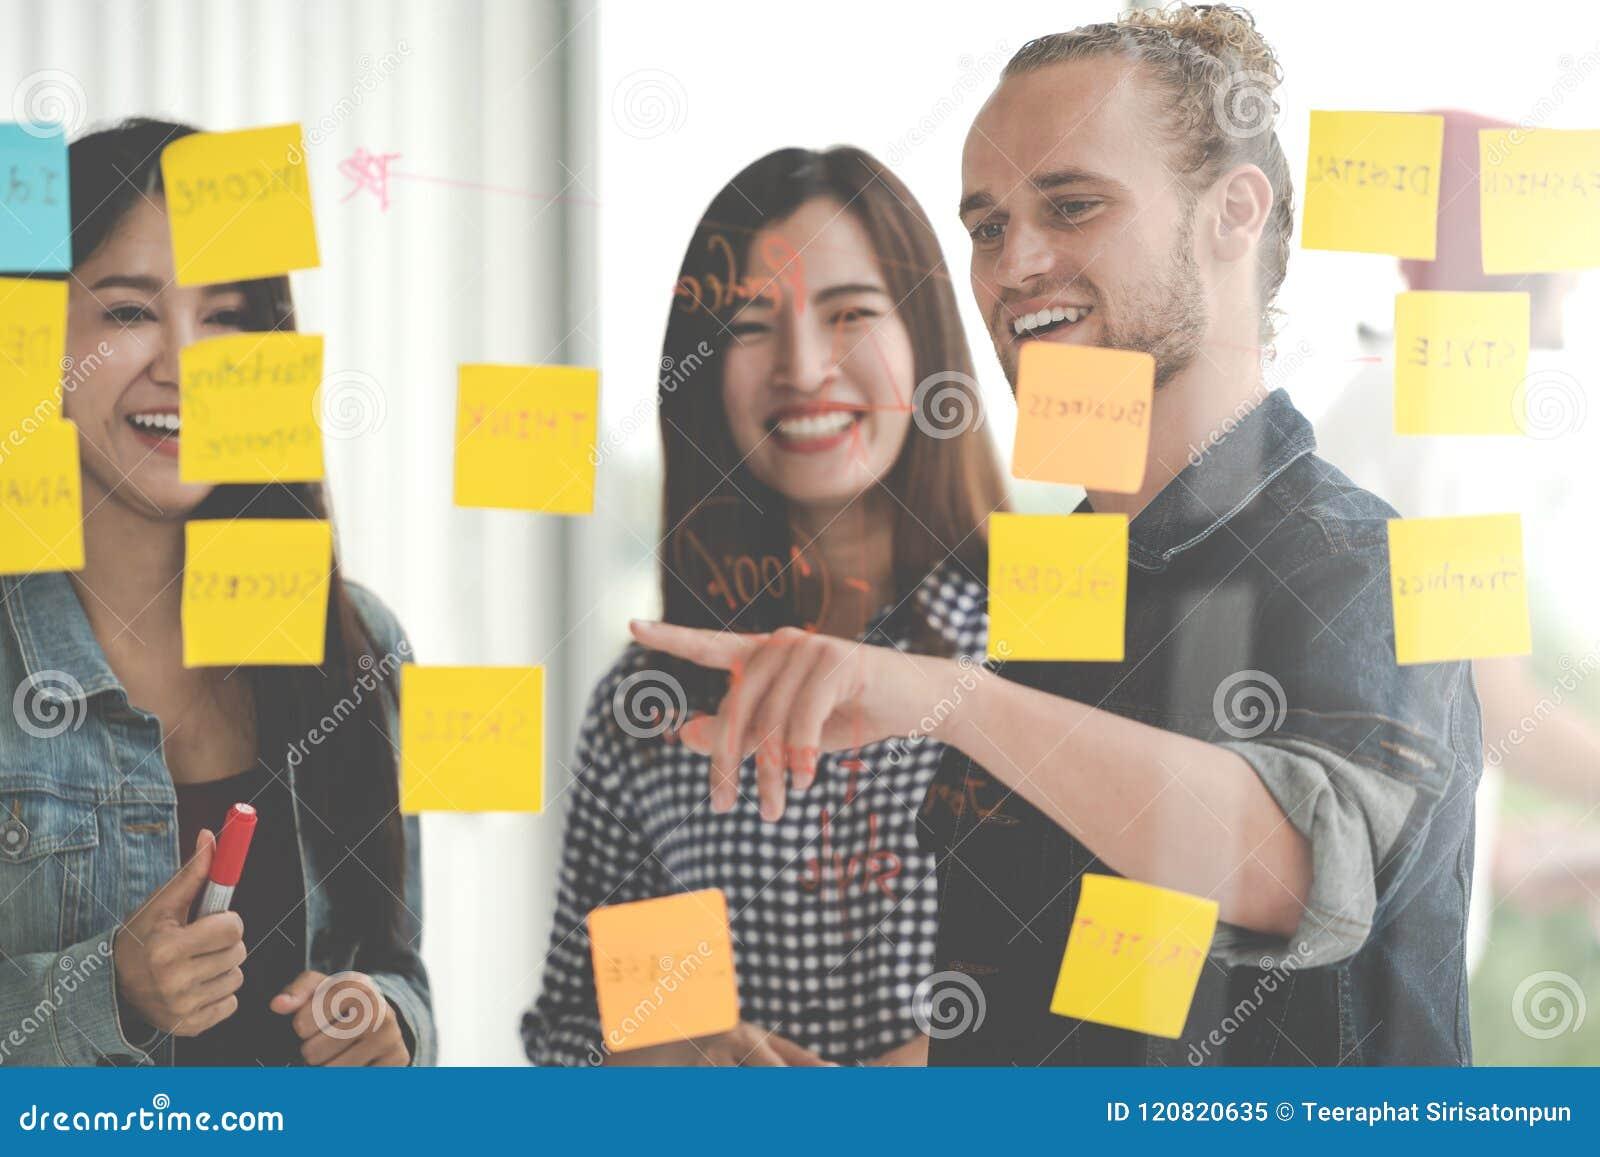 Ομάδα νέων επιτυχών δημιουργικών multiethnic χαμόγελου και καταιγισμού ιδεών ομάδων στο πρόγραμμα μαζί στο σύγχρονο γραφείο με τη